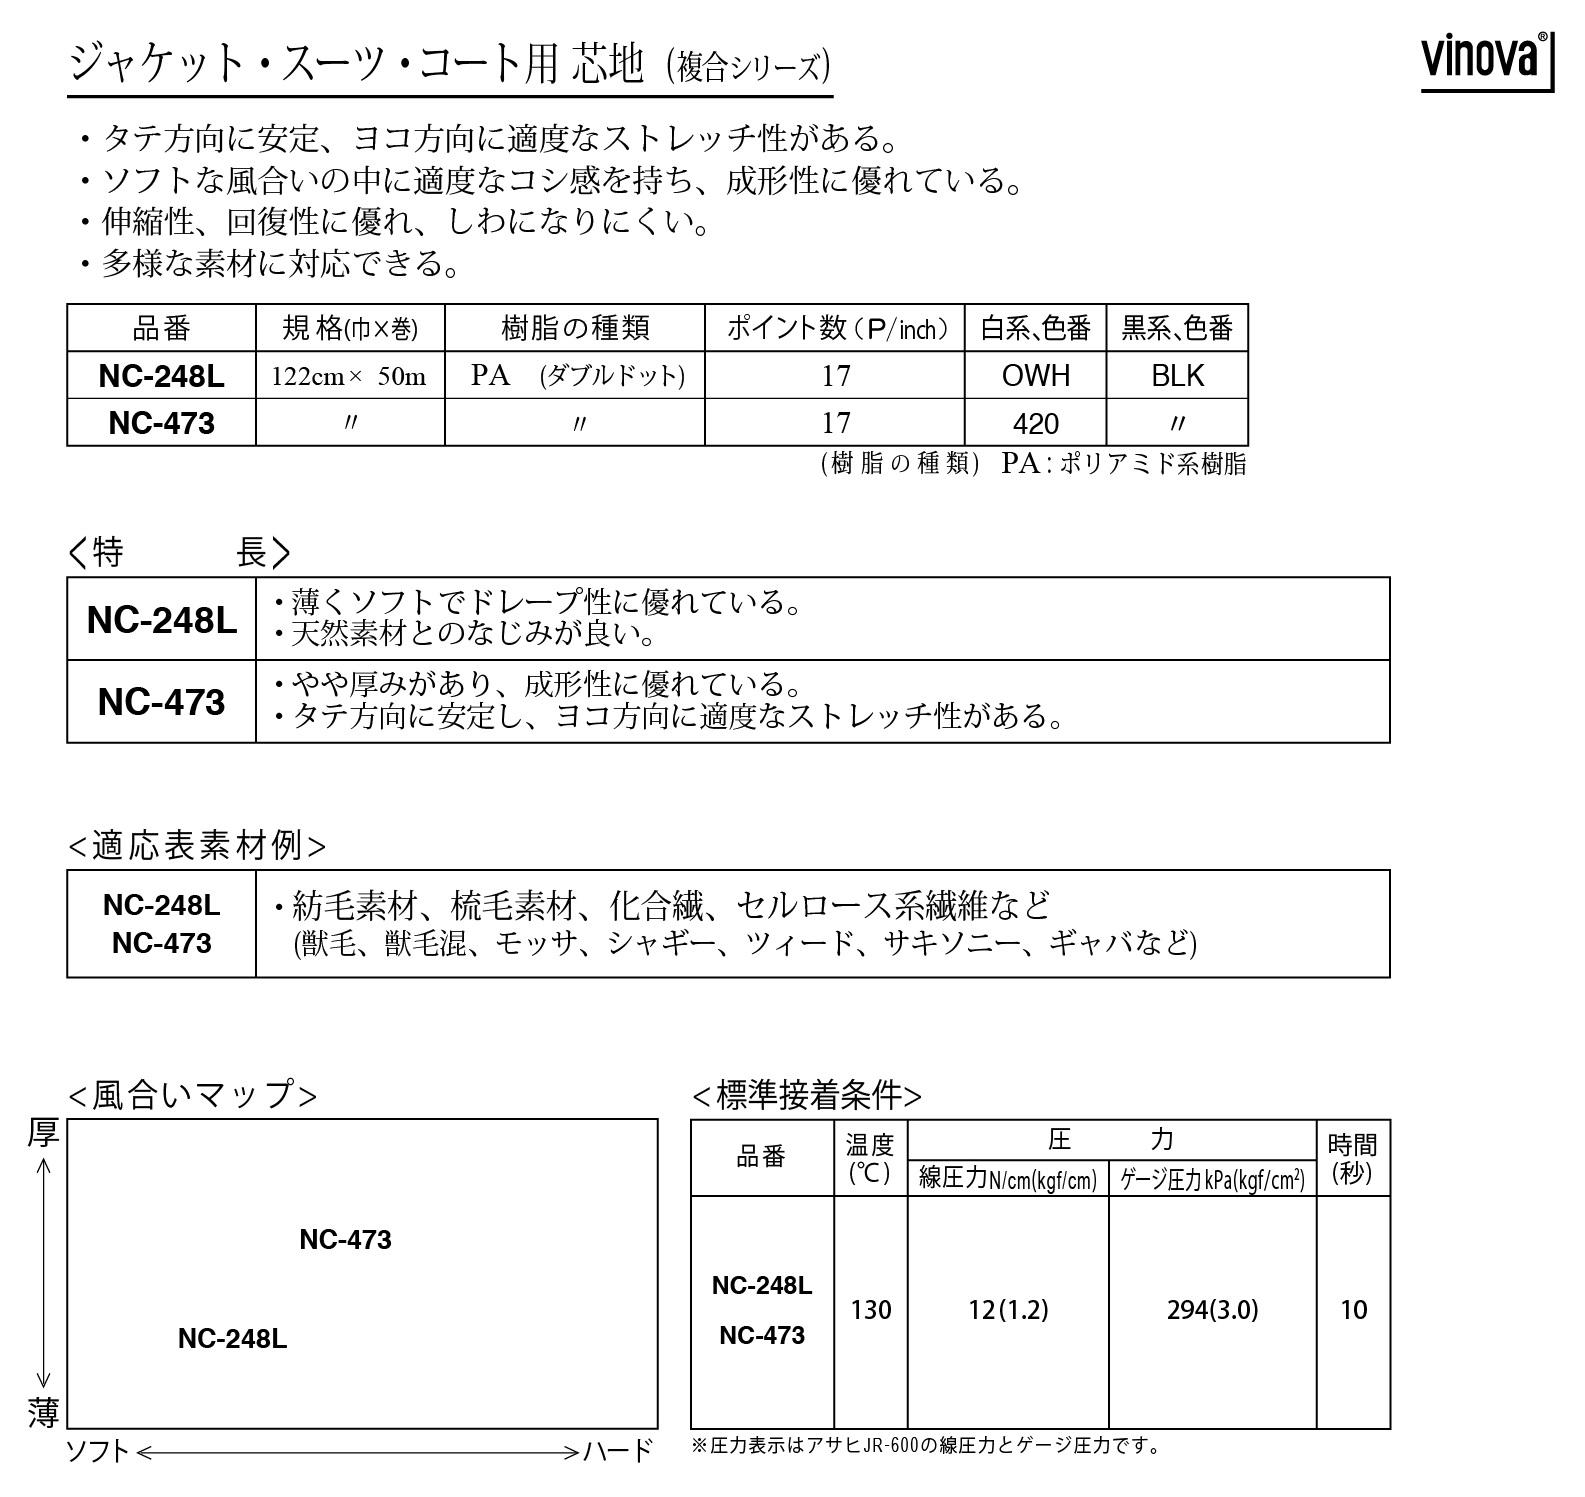 8. ジャケット・スーツ・コート用芯地(複合シリーズ)【差替】.jpg